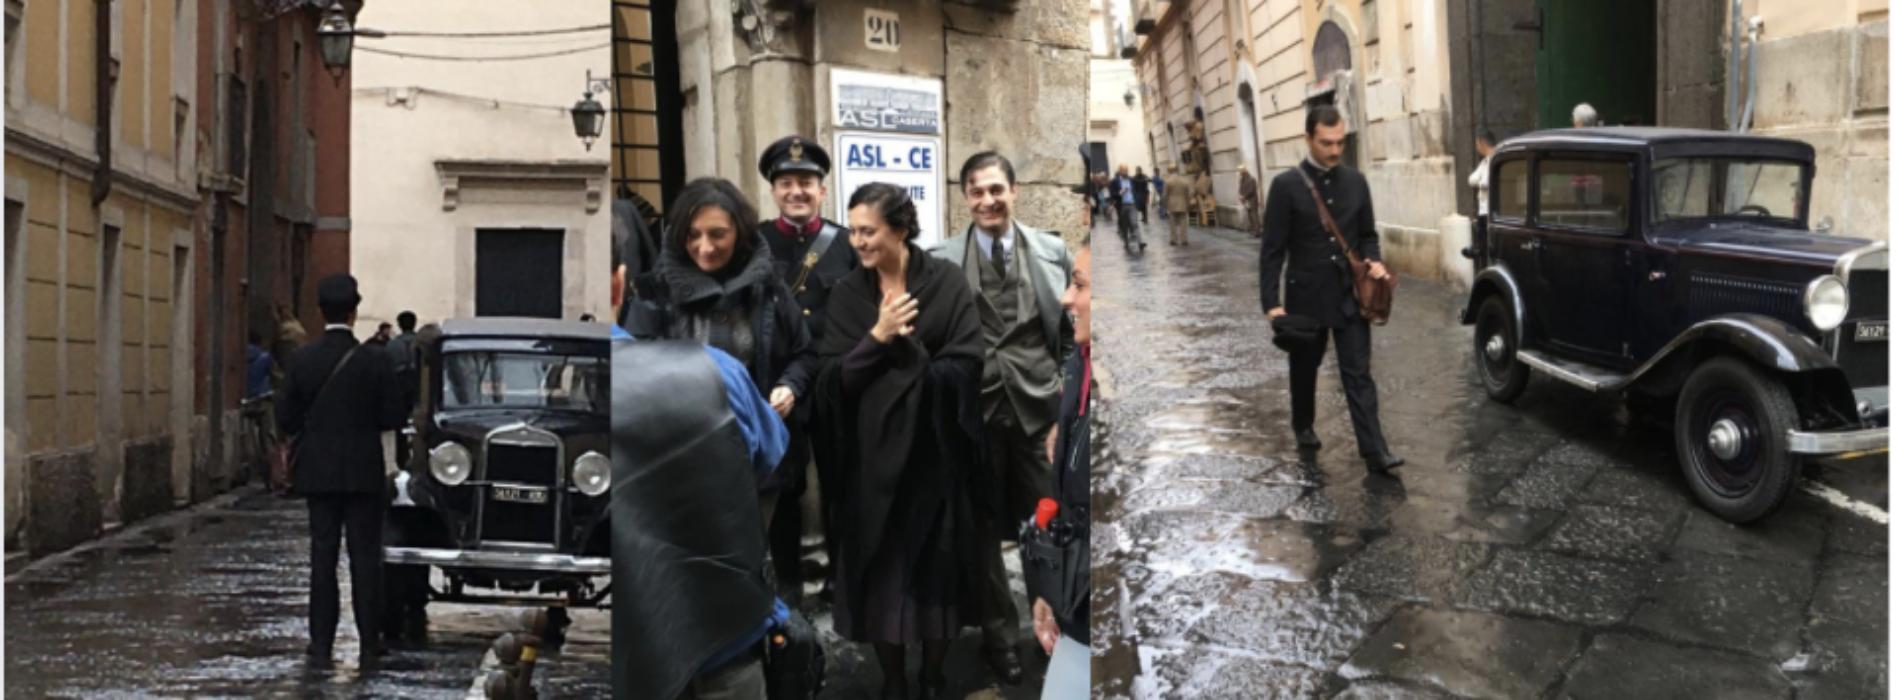 Il commissario Ricciardi, passeggiata cinematografica a Capua